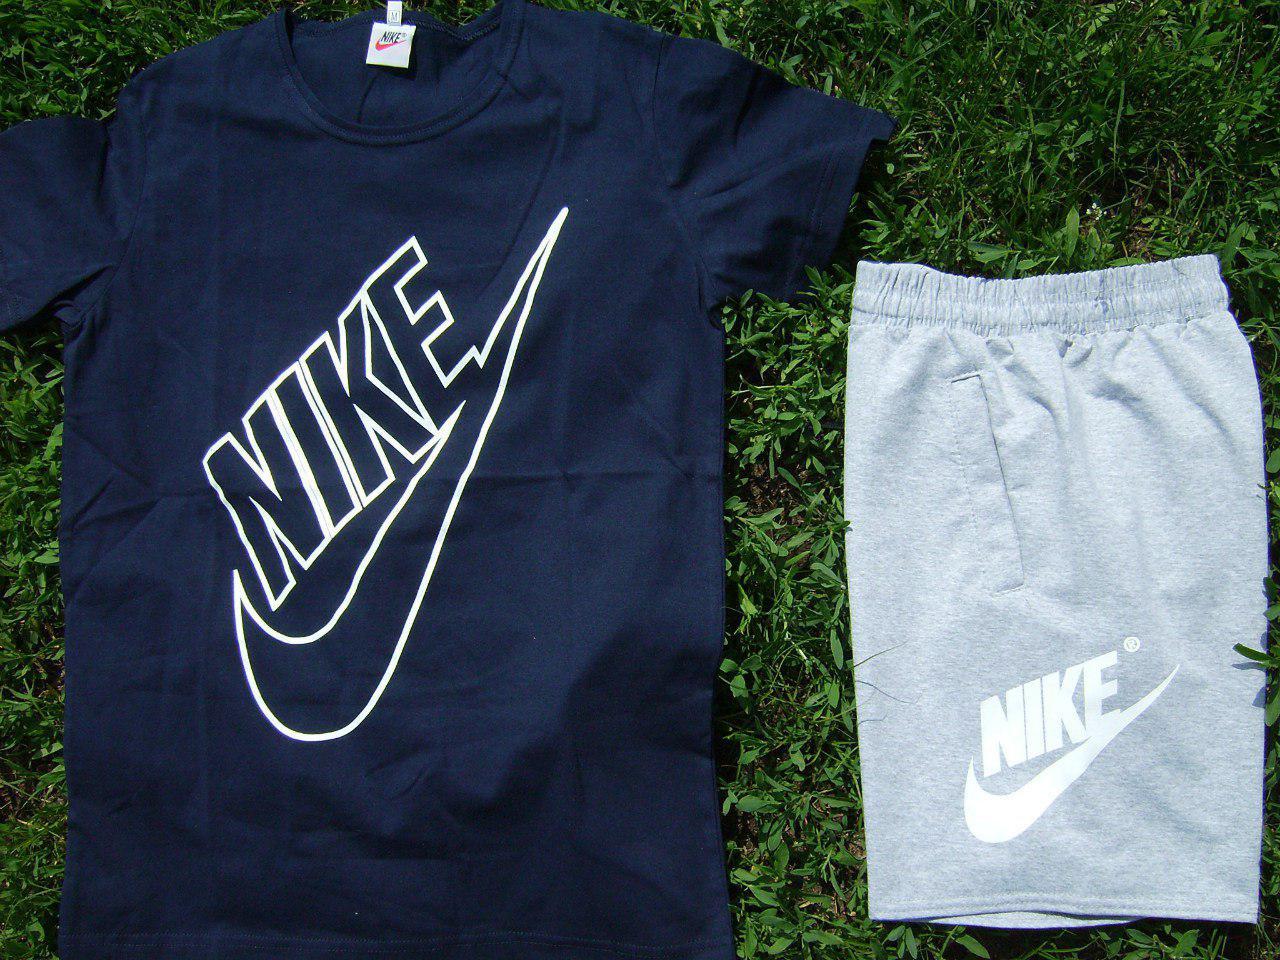 Мужской комплект футболка + шорты Nike синего и серого цвета (люкс копия)